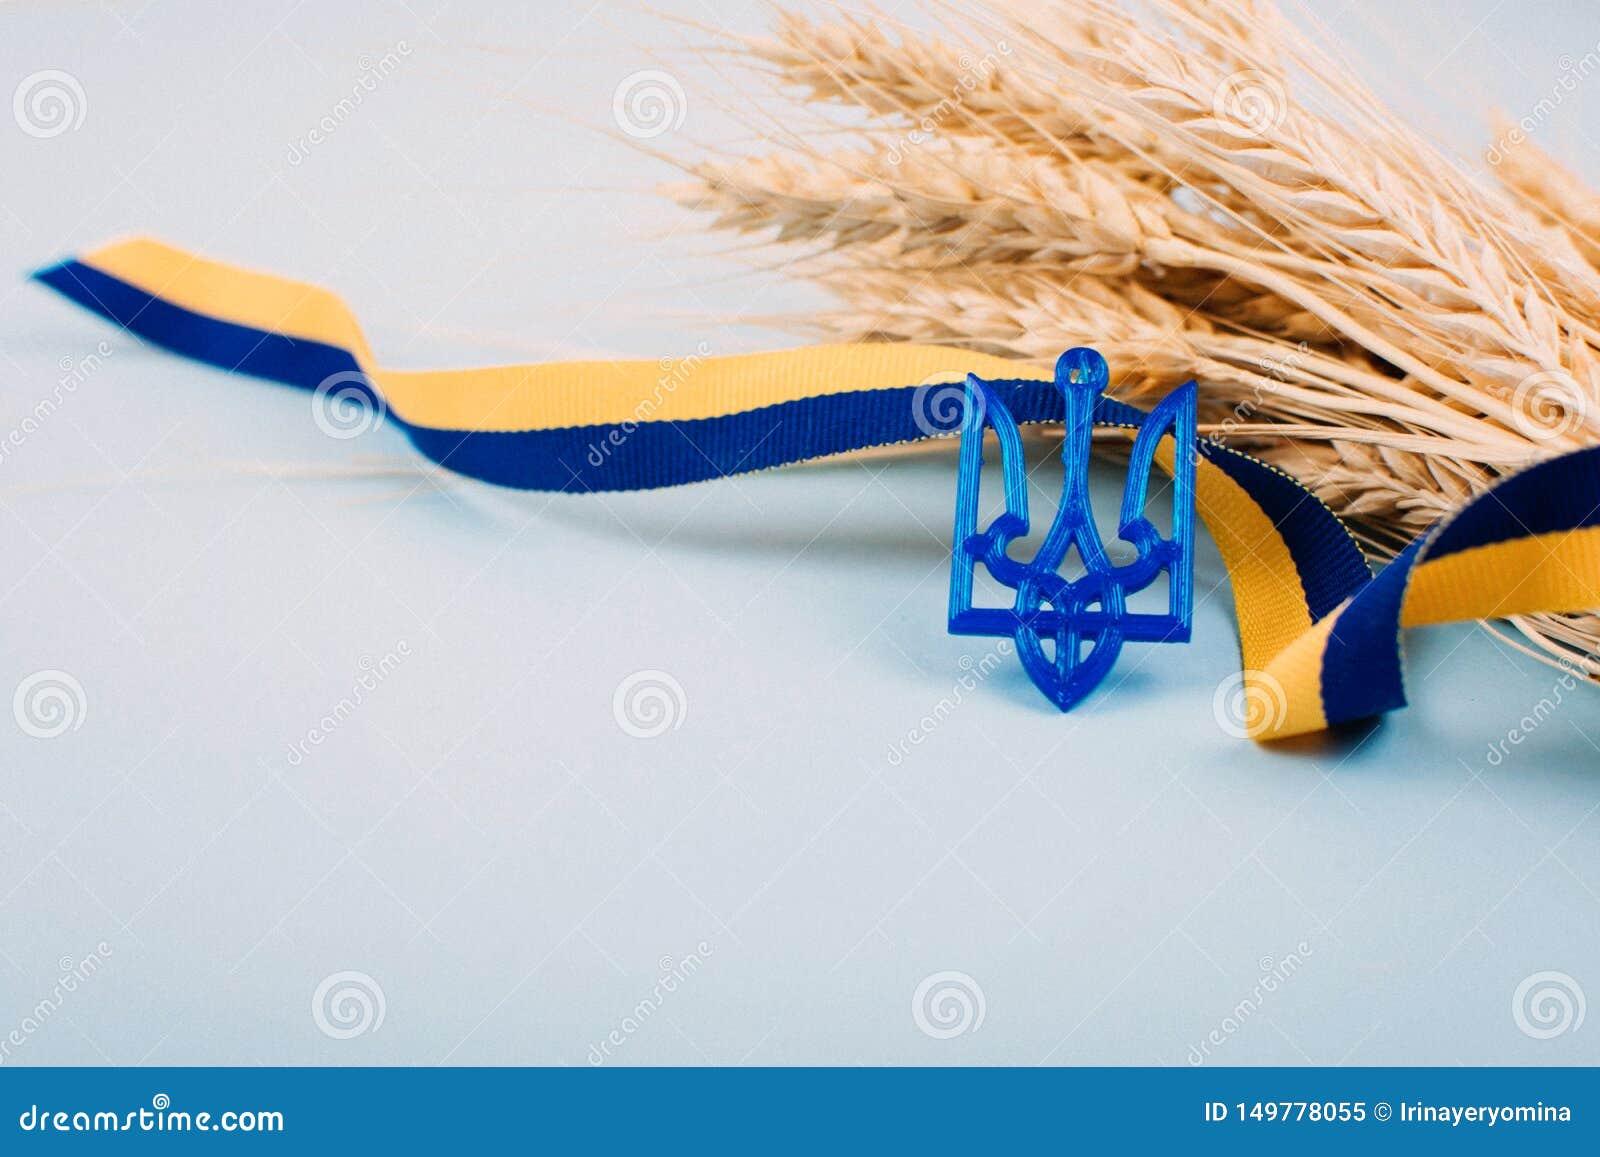 Fondo ucraniano con la cinta de los símbolos nacionales, del tridente del escudo de armas, amarilla y azul, espiguillas de oro de